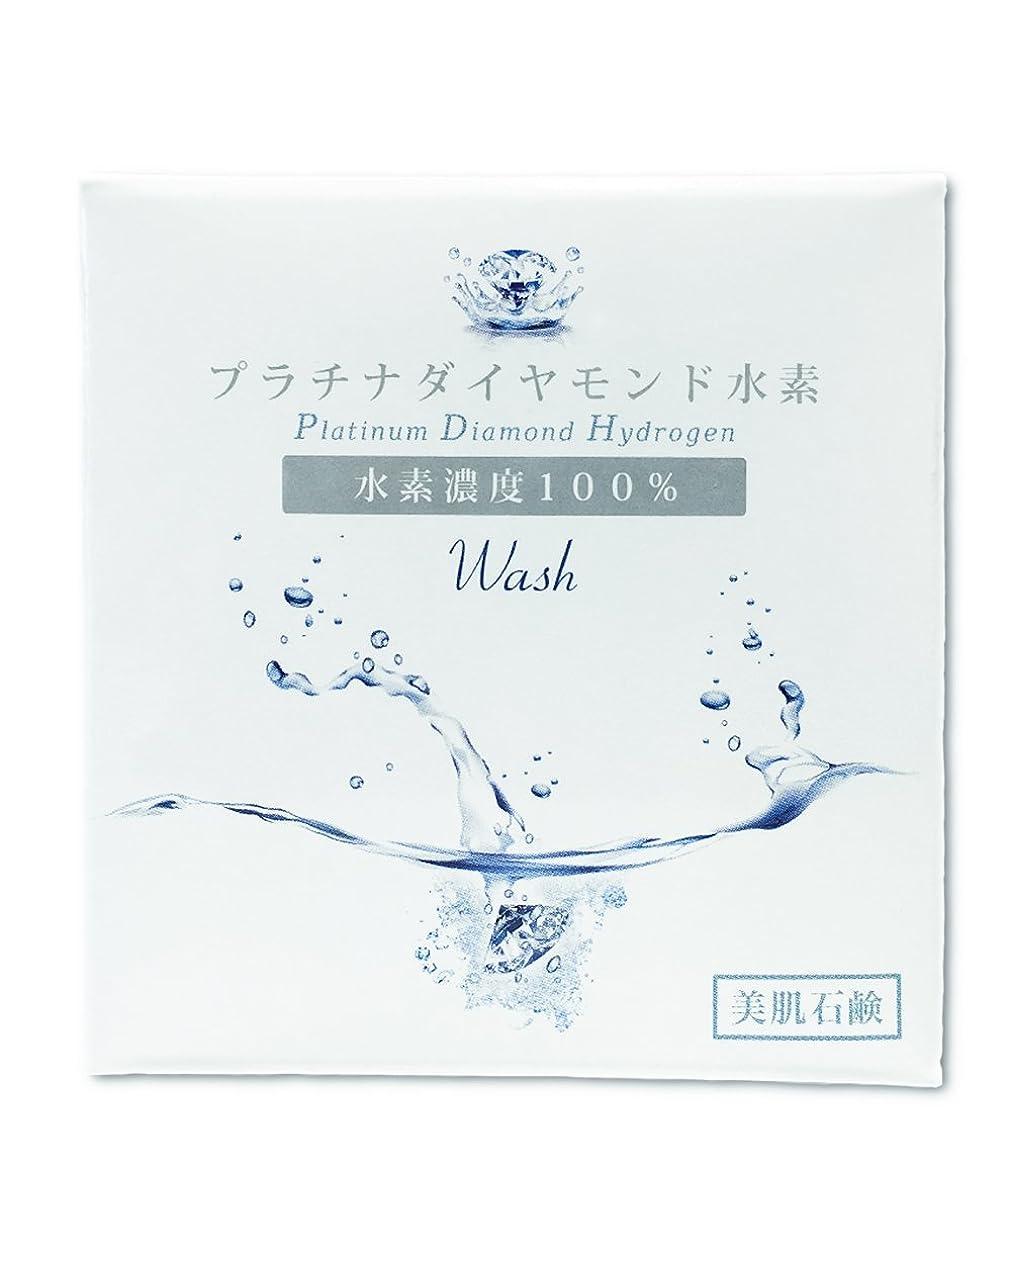 試みる途方もないバックグラウンド水素石鹸 プラチナダイヤモンド水素Wash